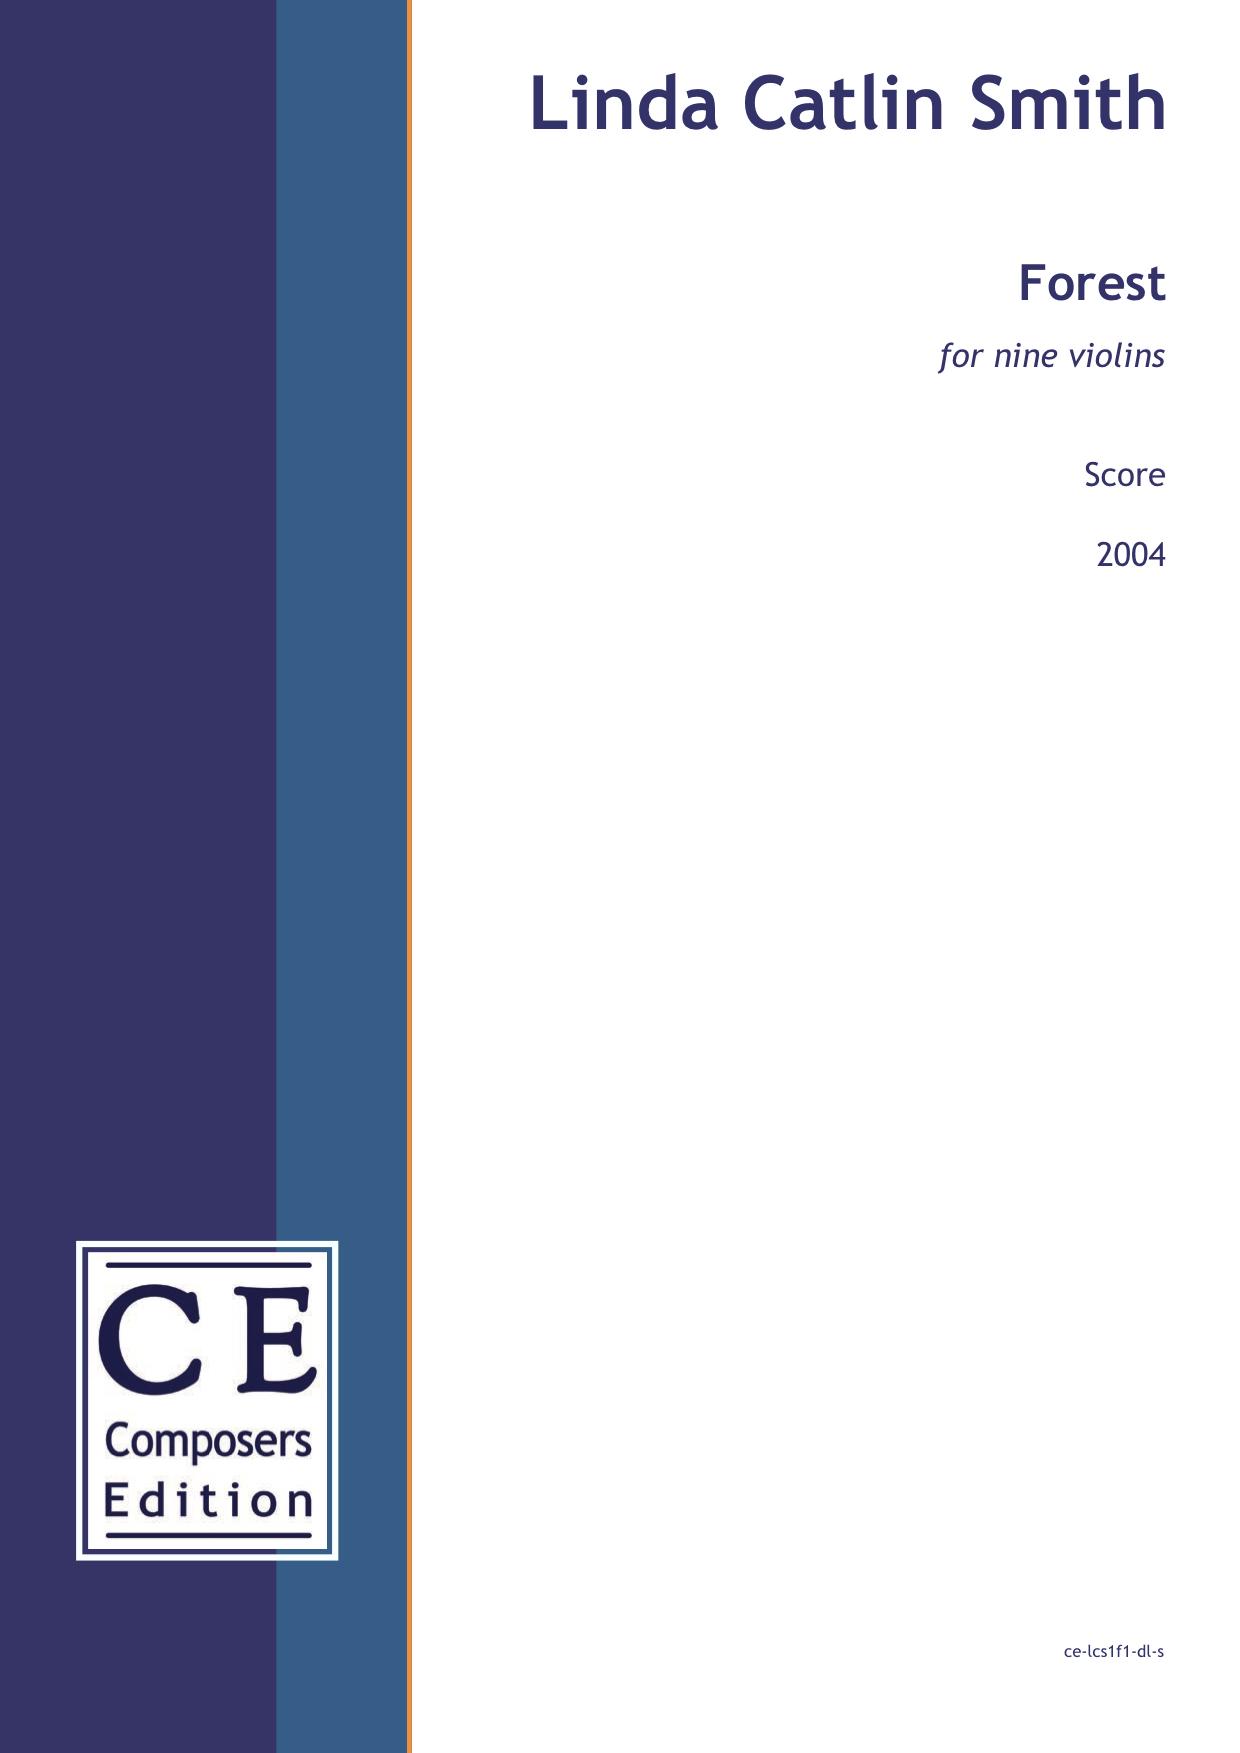 Linda Catlin Smith: Forest for nine violins